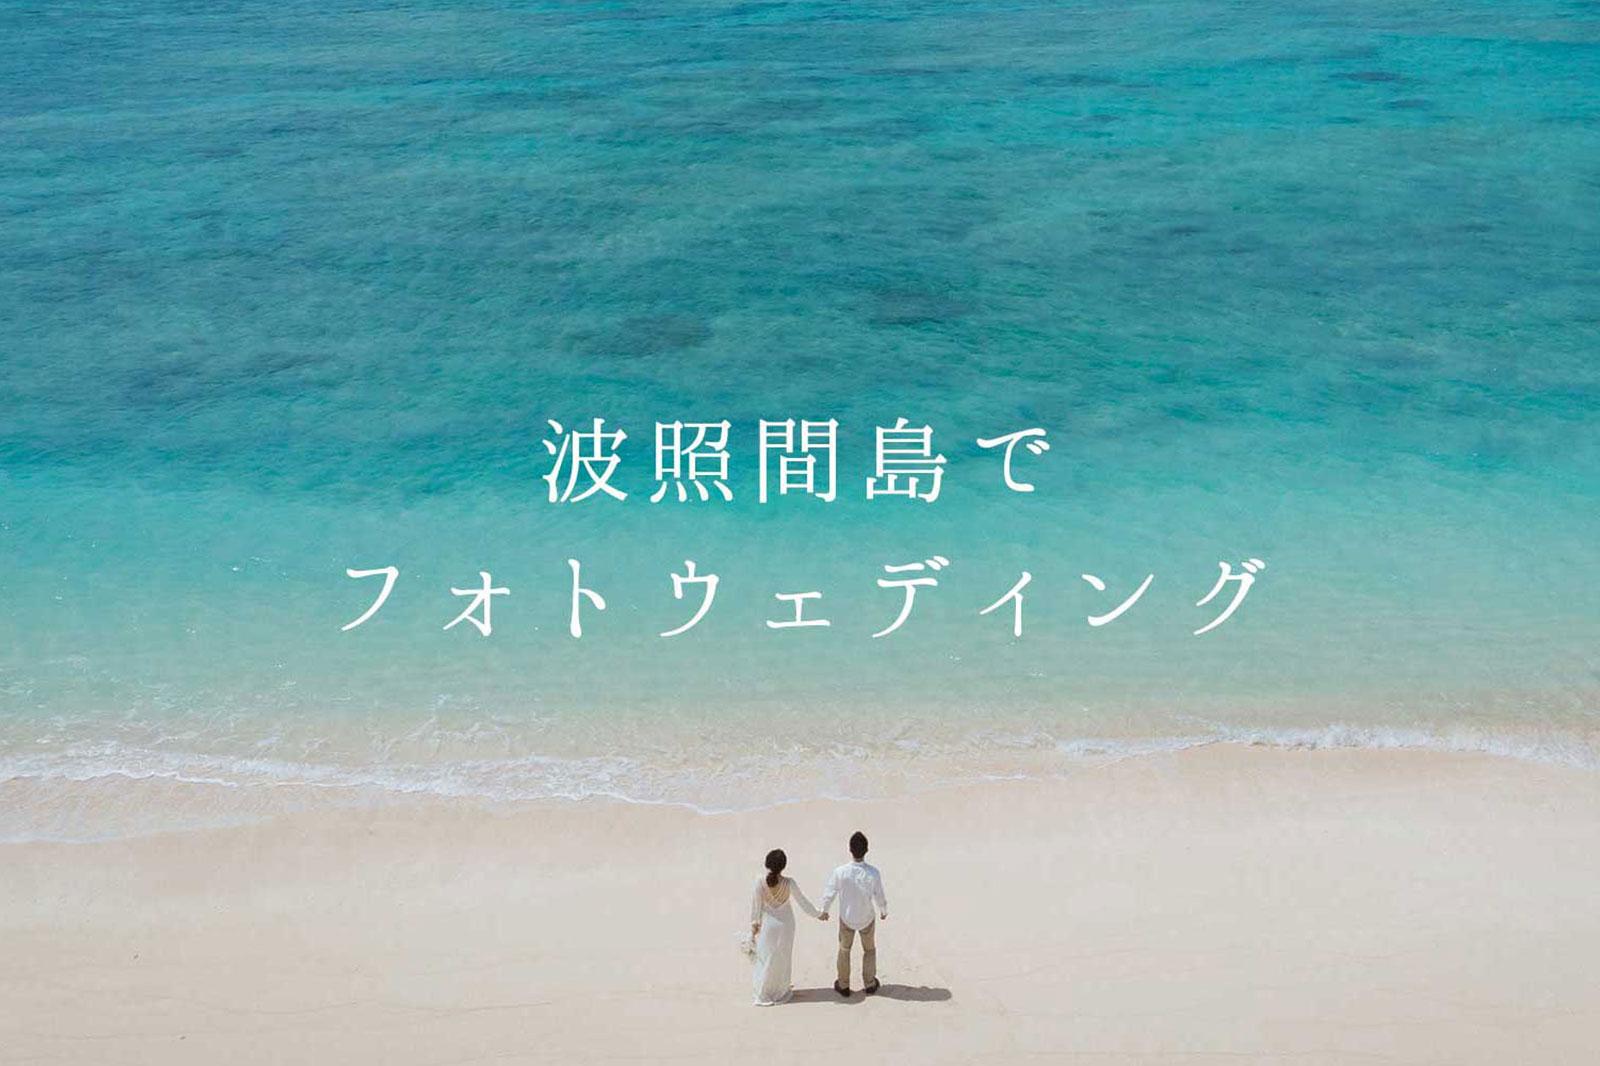 日本最南端!波照間島でフォトウェディング♡ 撮影スポットをご紹介